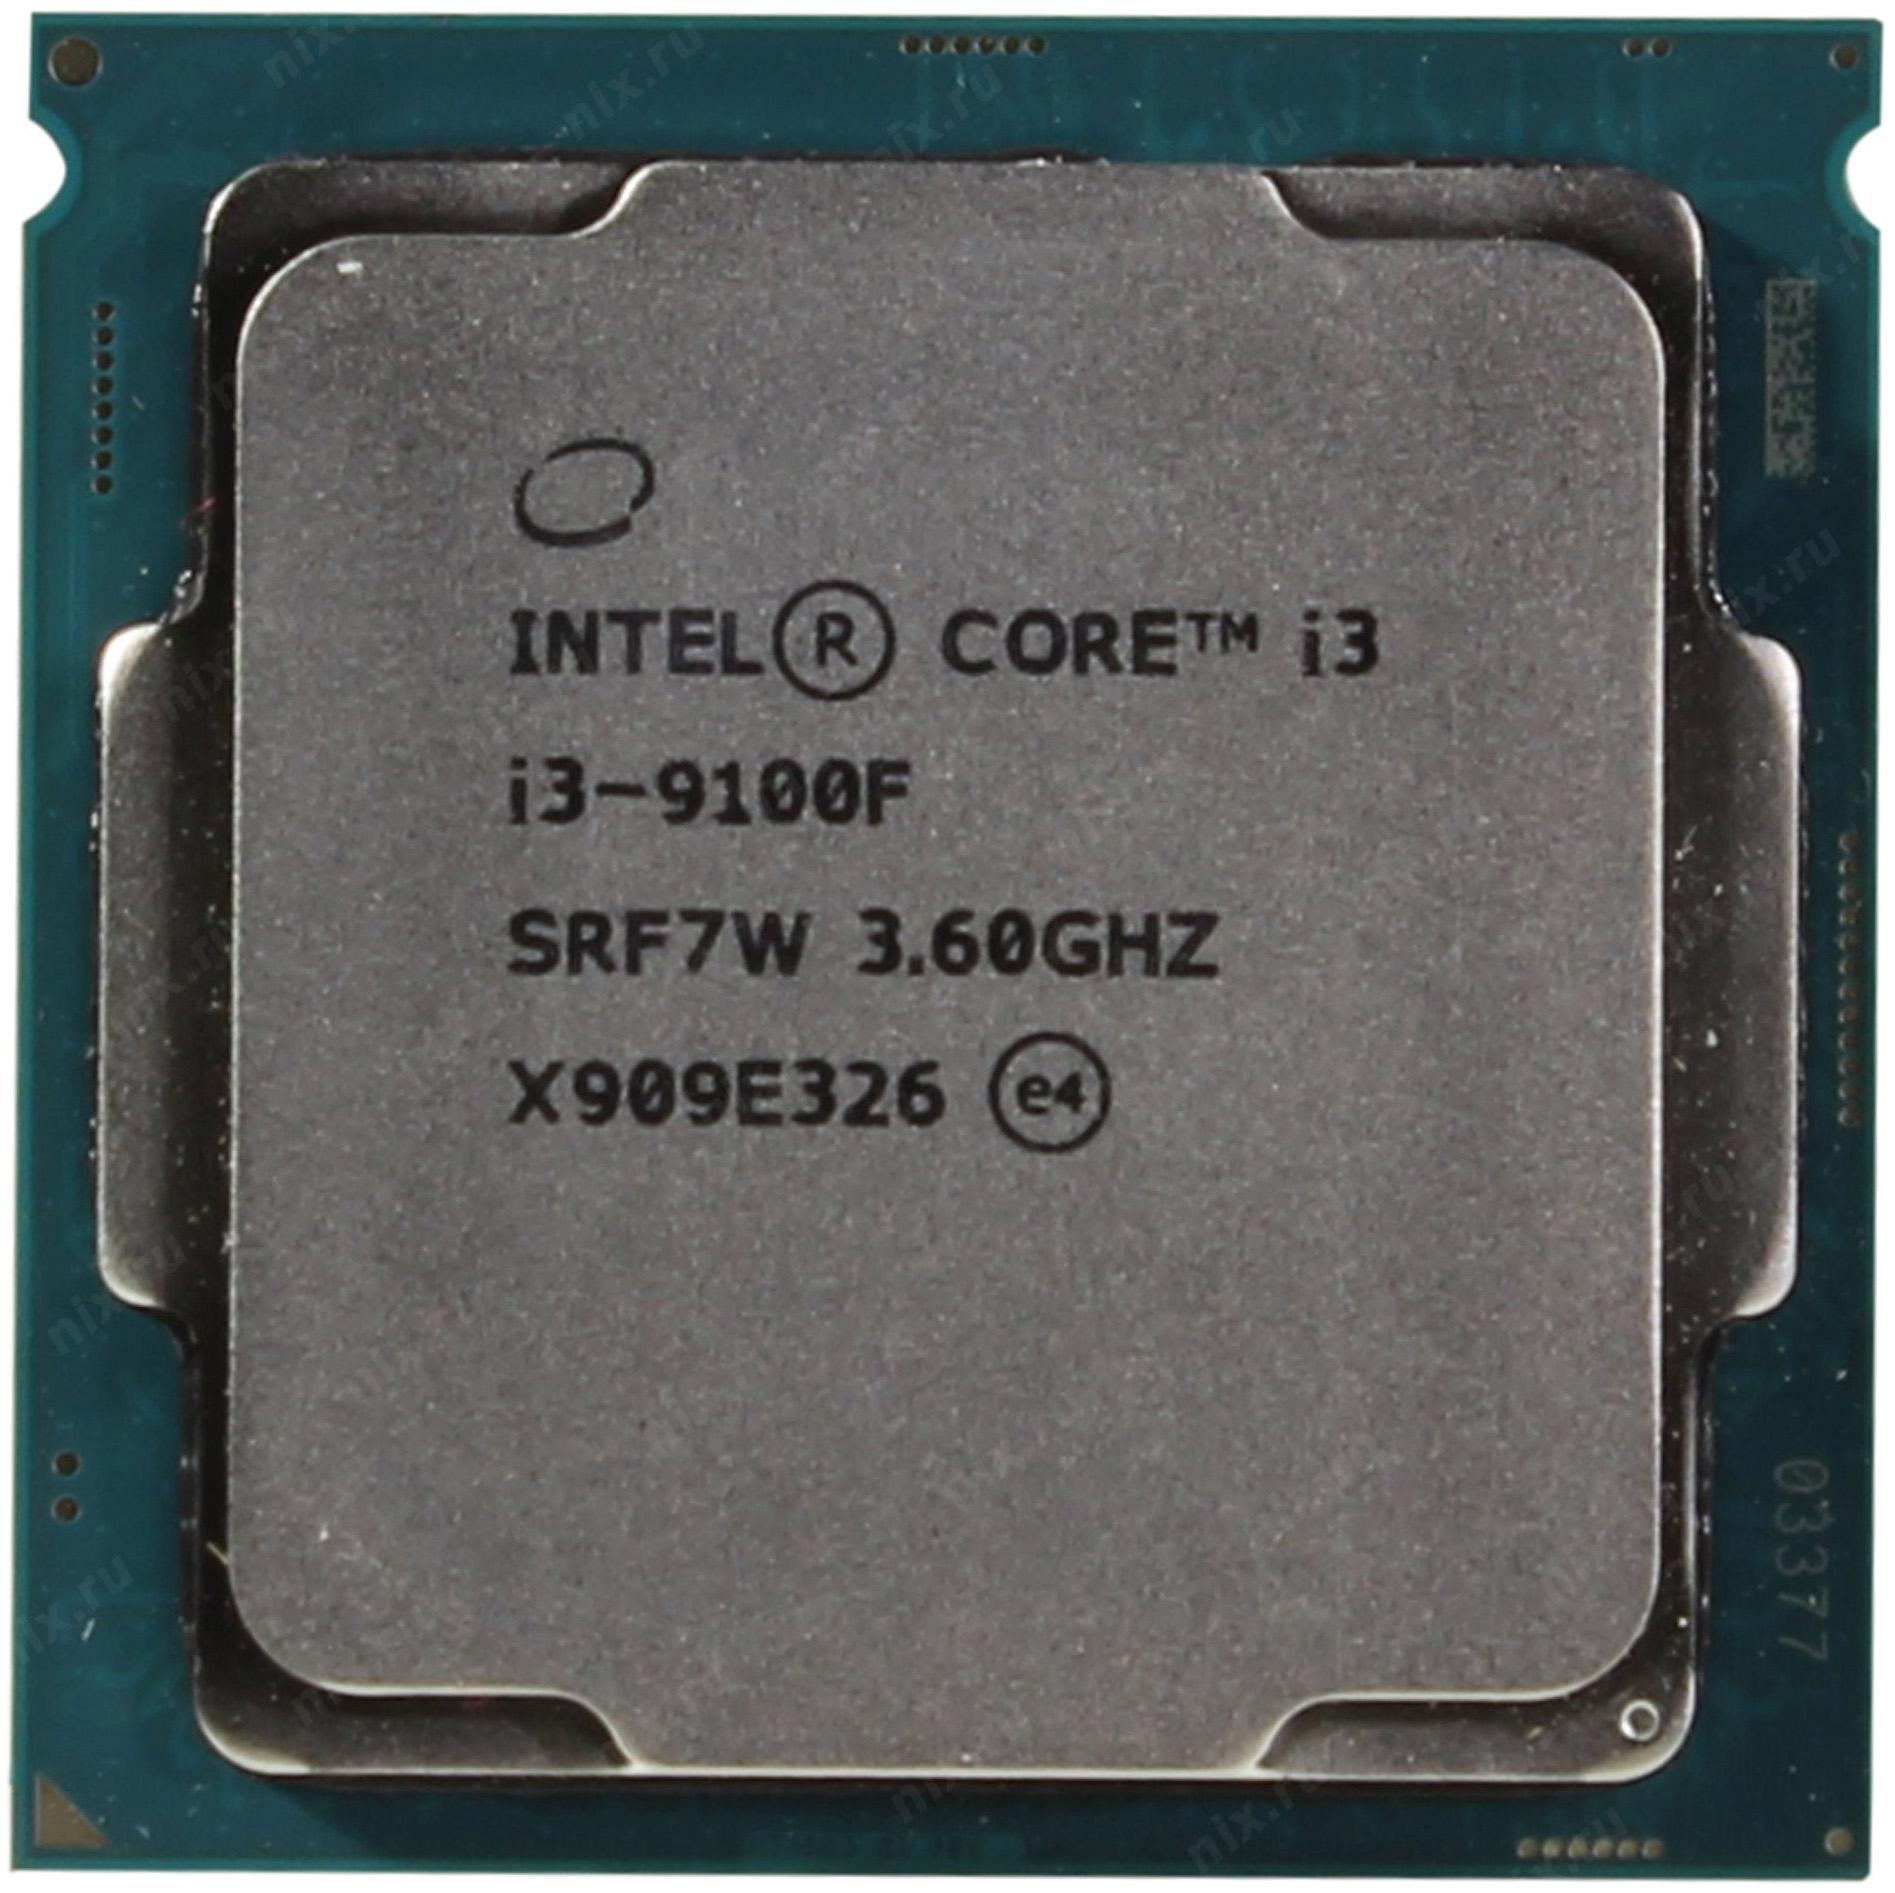 INTEL BX80684I39100F S RF7W